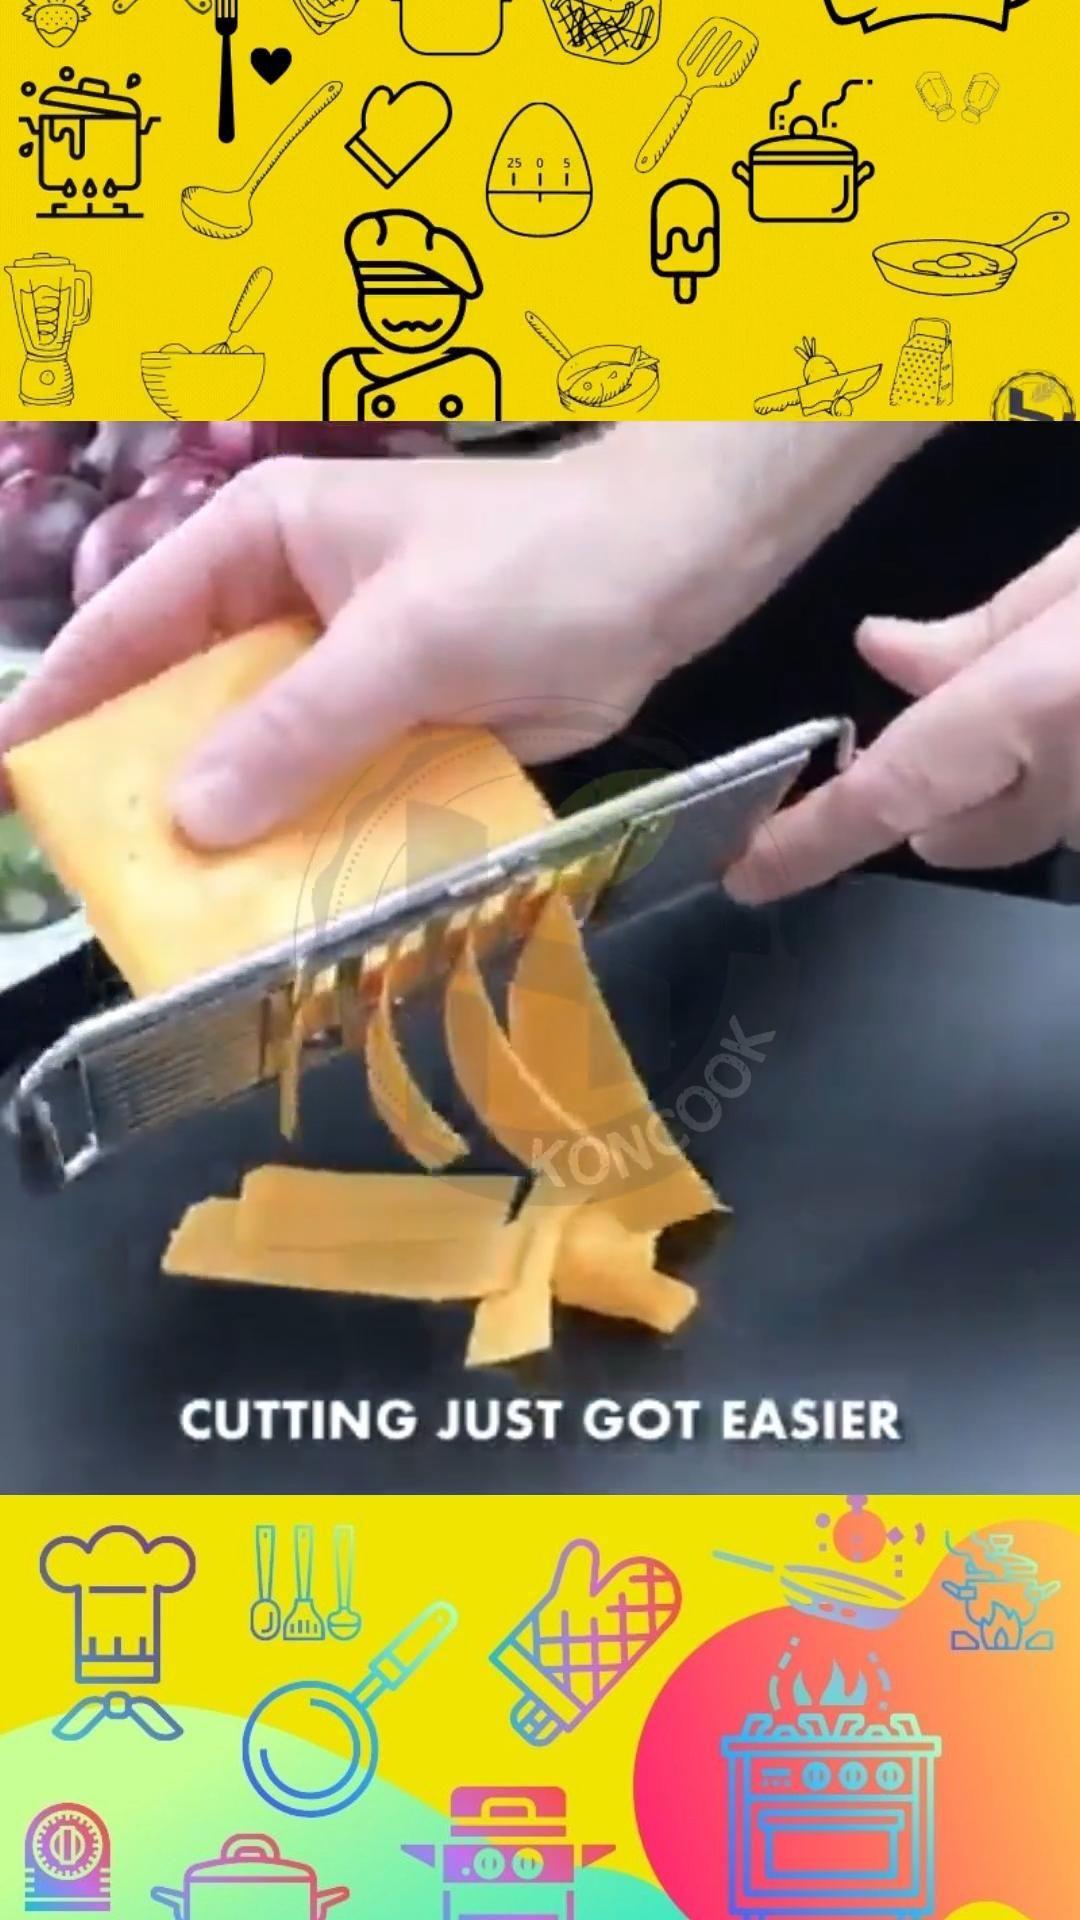 4 En 1 Mandoline Rape Multifonctions Video Aliments Pour Mincir Recettes De Cuisine Ustensile Cuisine